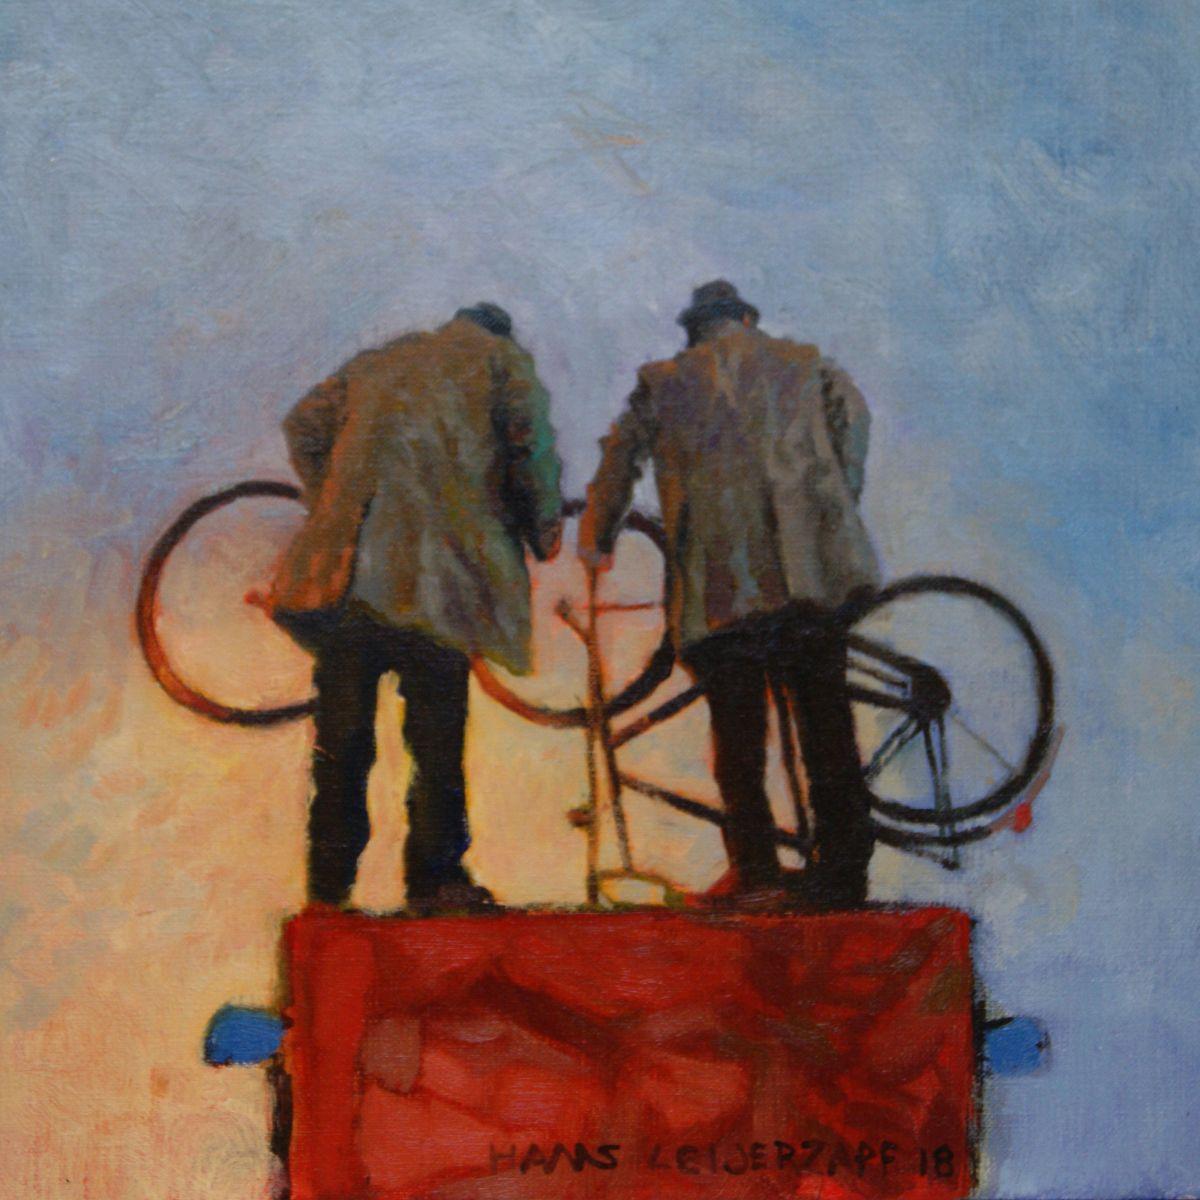 Kunst: Zoals later bleek van kunstenaar Hans Leijerzapf